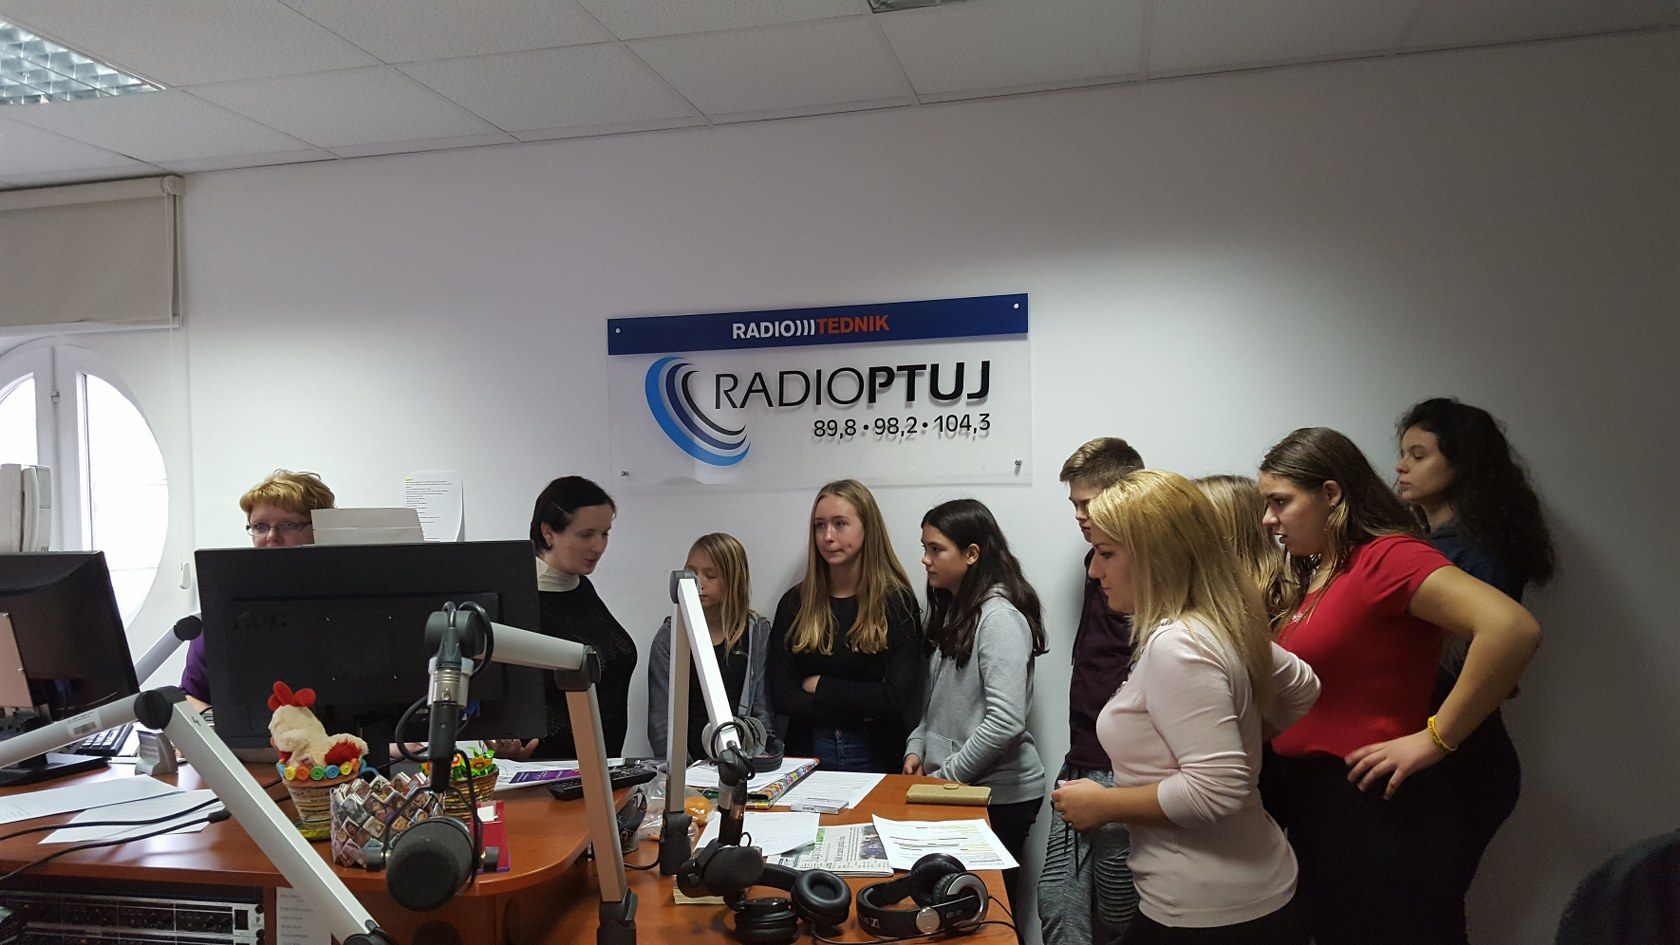 obisk-radia-tednik-ptuj-novinar-6_1680x945